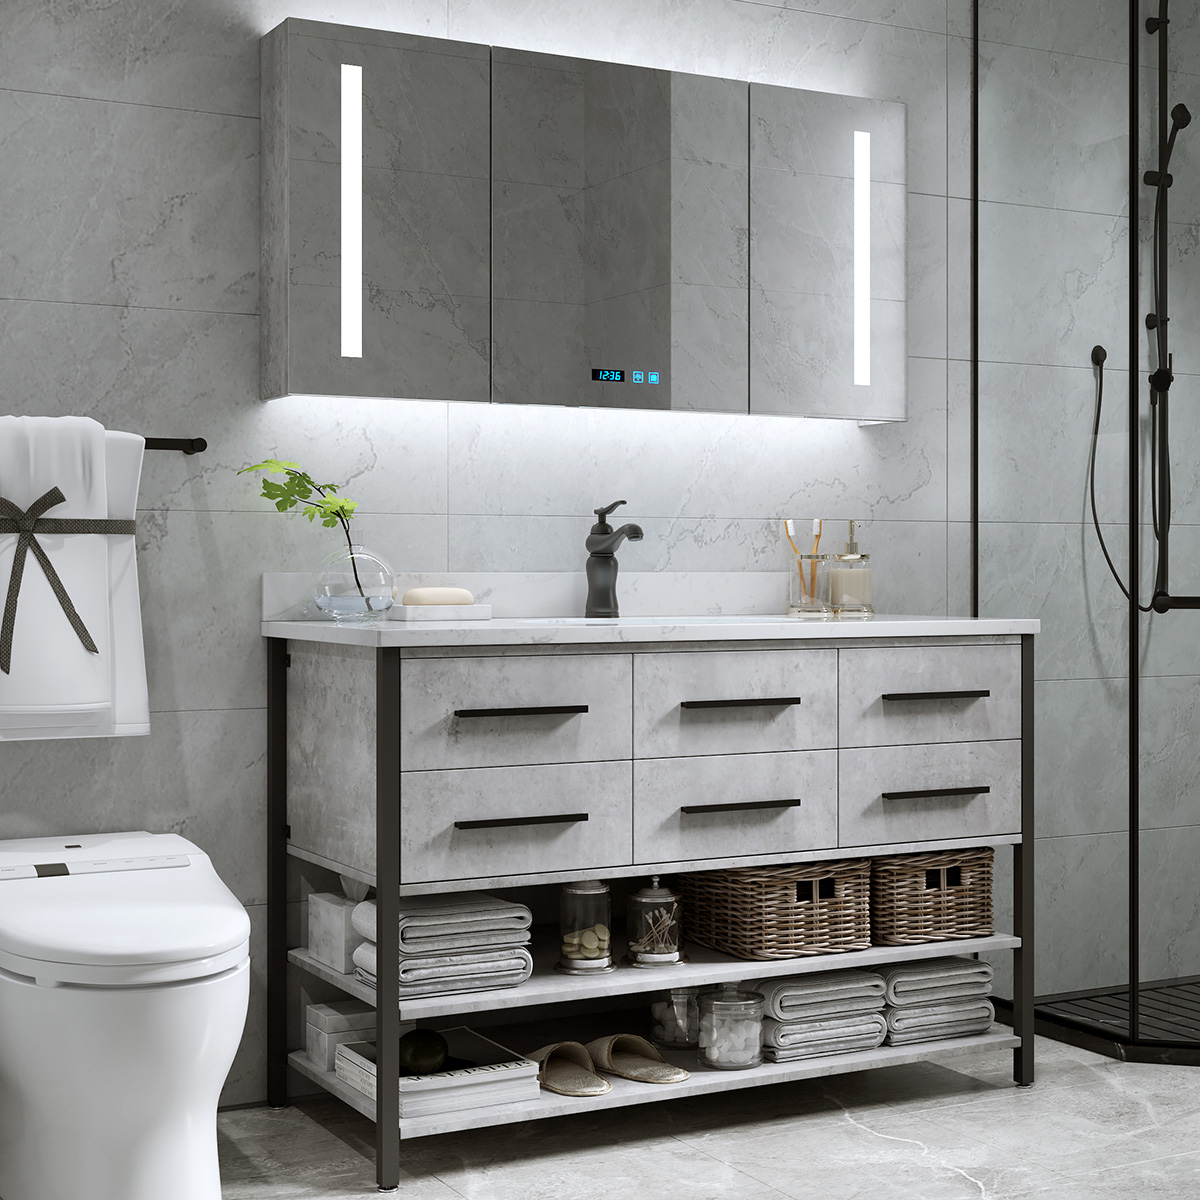 轻奢卫浴智能北欧浴室柜组合落地式洗脸洗手面盆池洗漱台盆卫生间